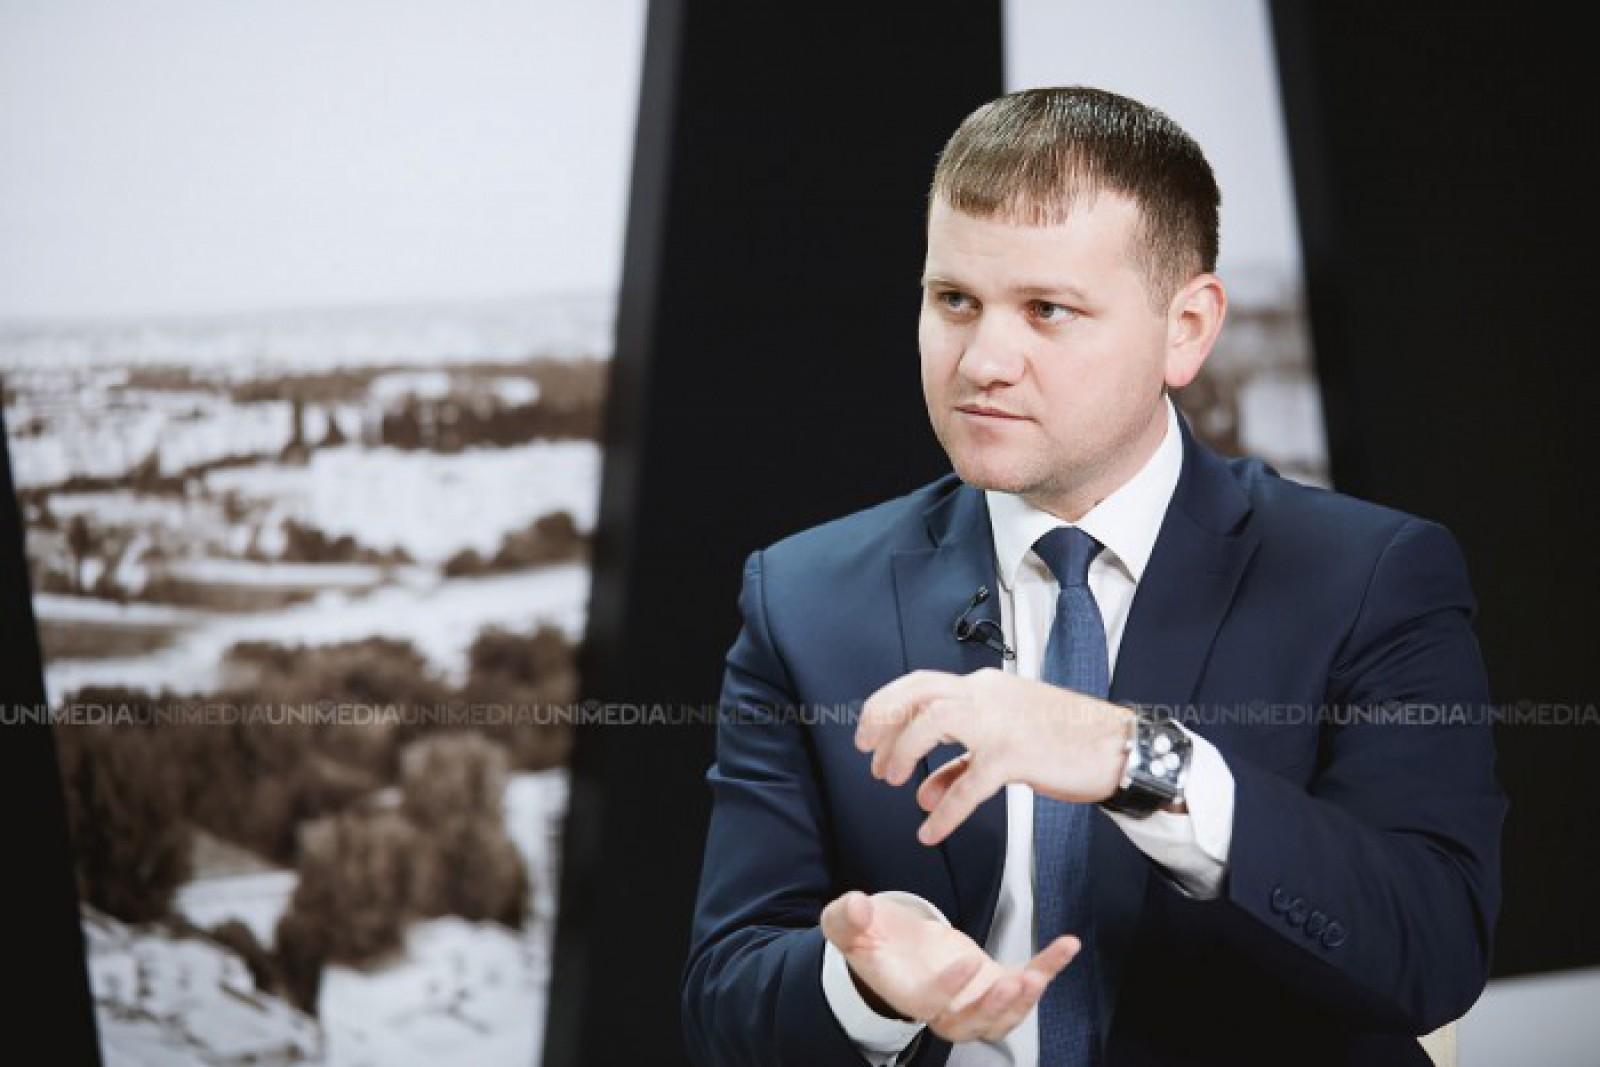 Valeriu Munteanu îi răspunde Maiei Sandu: Scorul meu electoral este foarte bun și dinamica în creștere. Ajung mereu, cu dinții încleștați, la linia de final